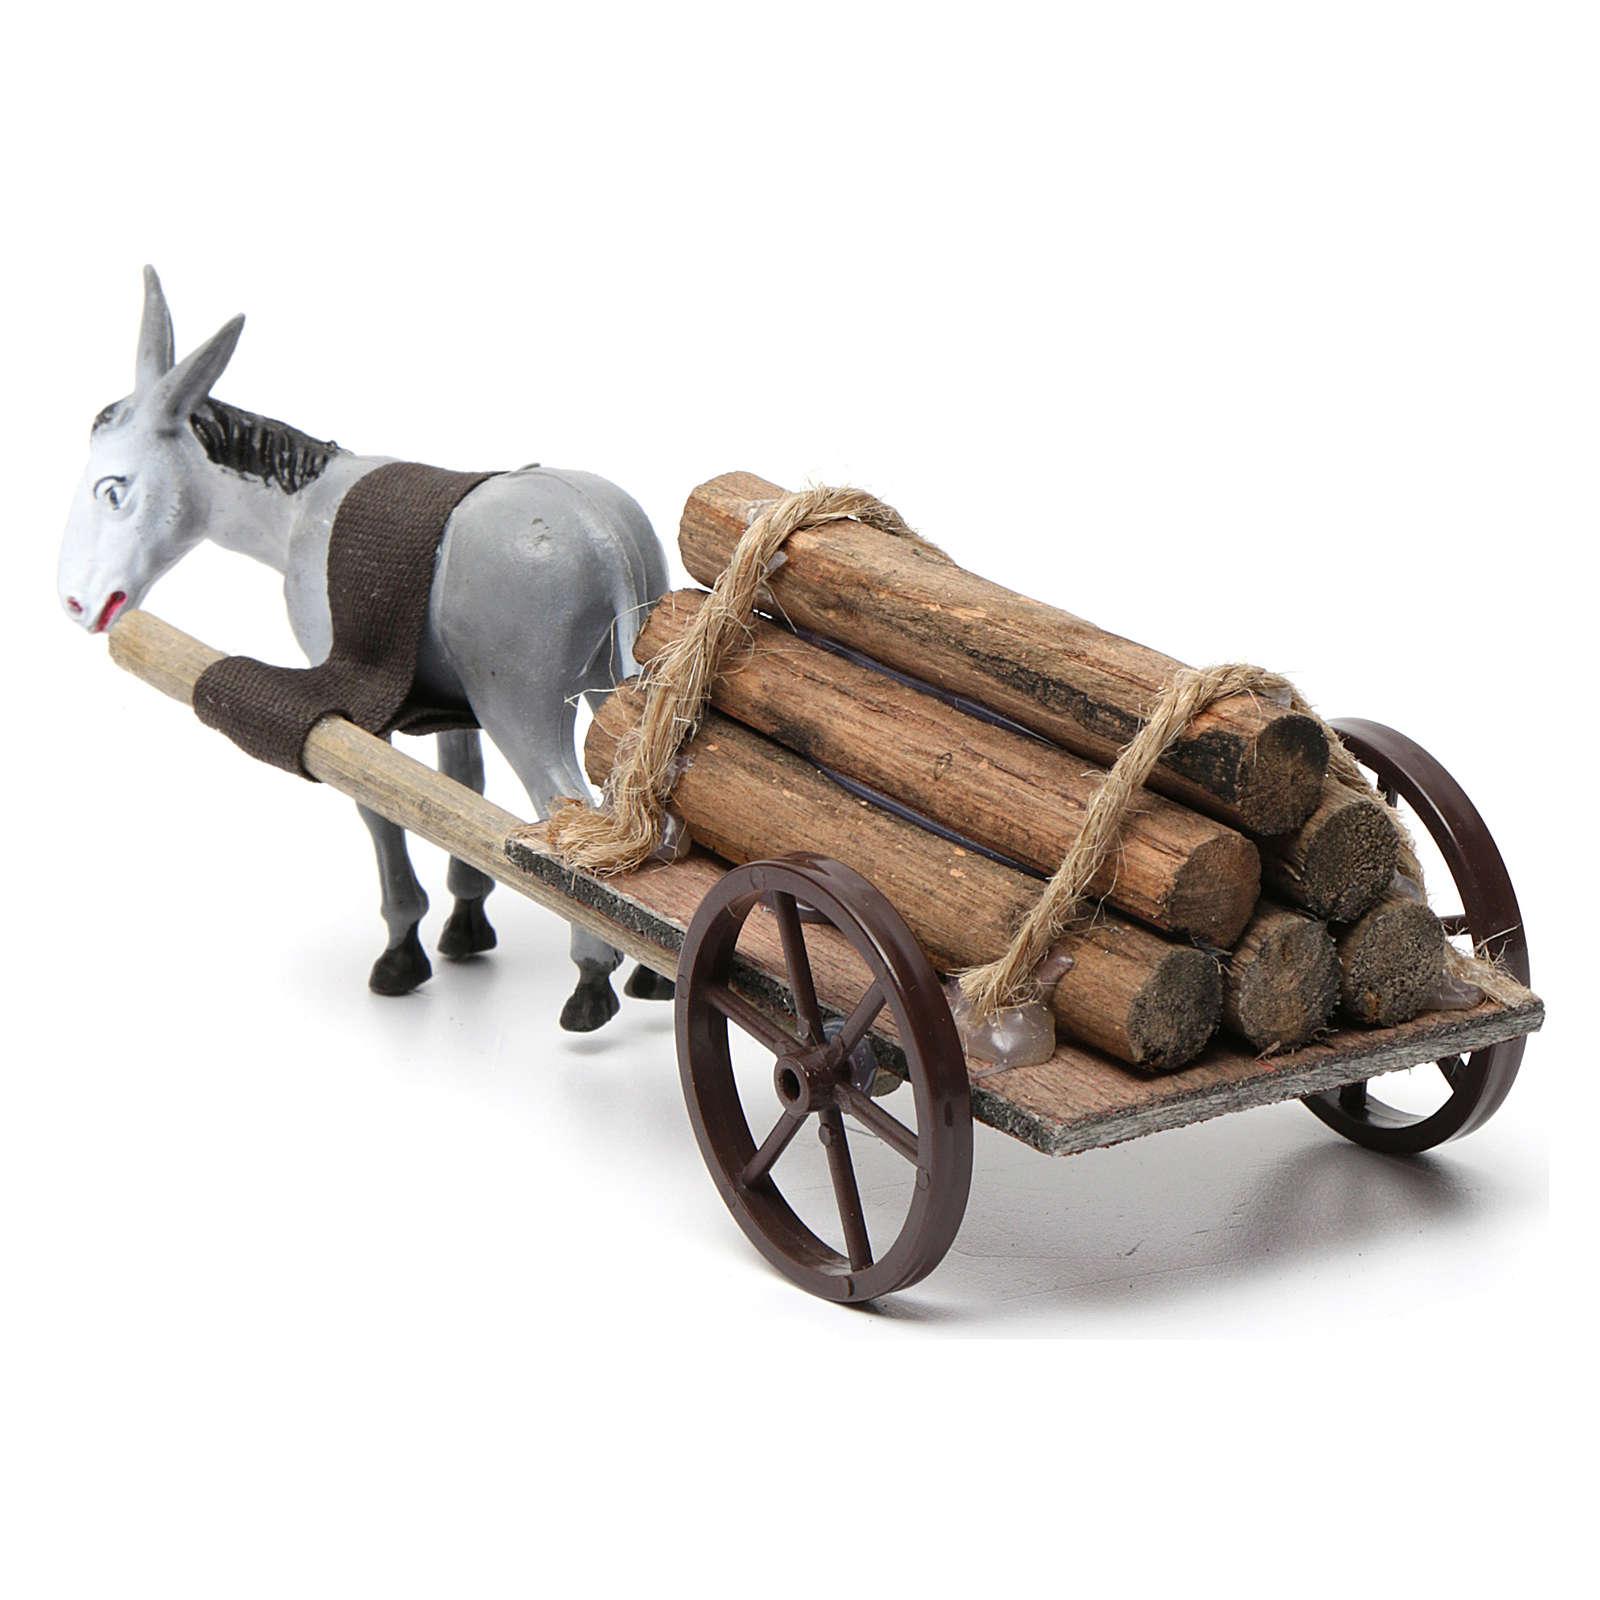 Cart with dark grey donkey 10x20x20 cm for Nativity Scene 8 cm 3